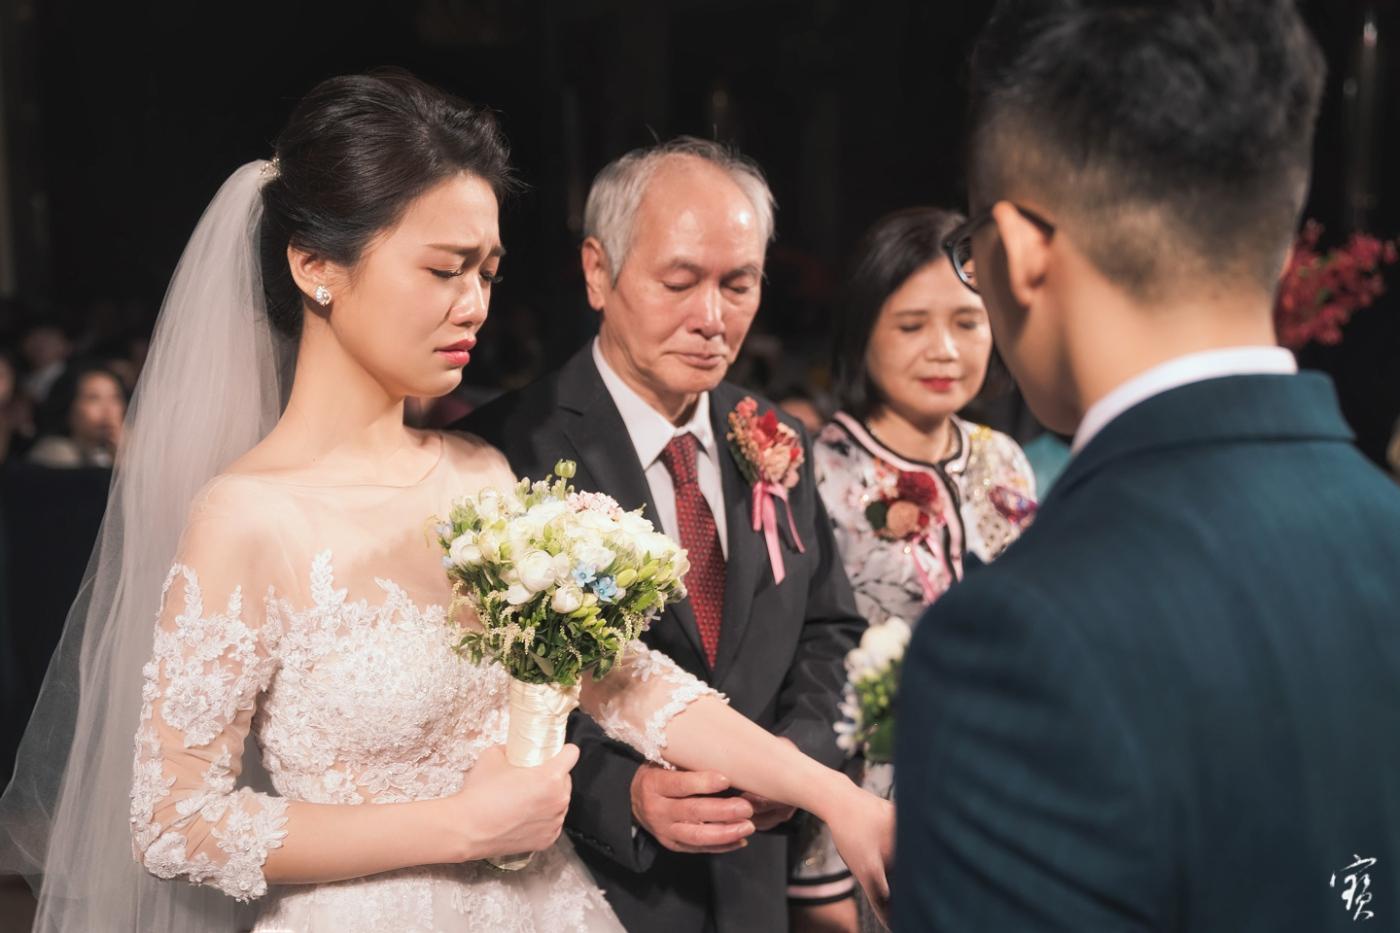 婚禮攝影 婚紗 大直 典華 冬半影像 攝影師大寶 北部攝影 台北攝影 桃園攝影 新竹攝影20181208-326